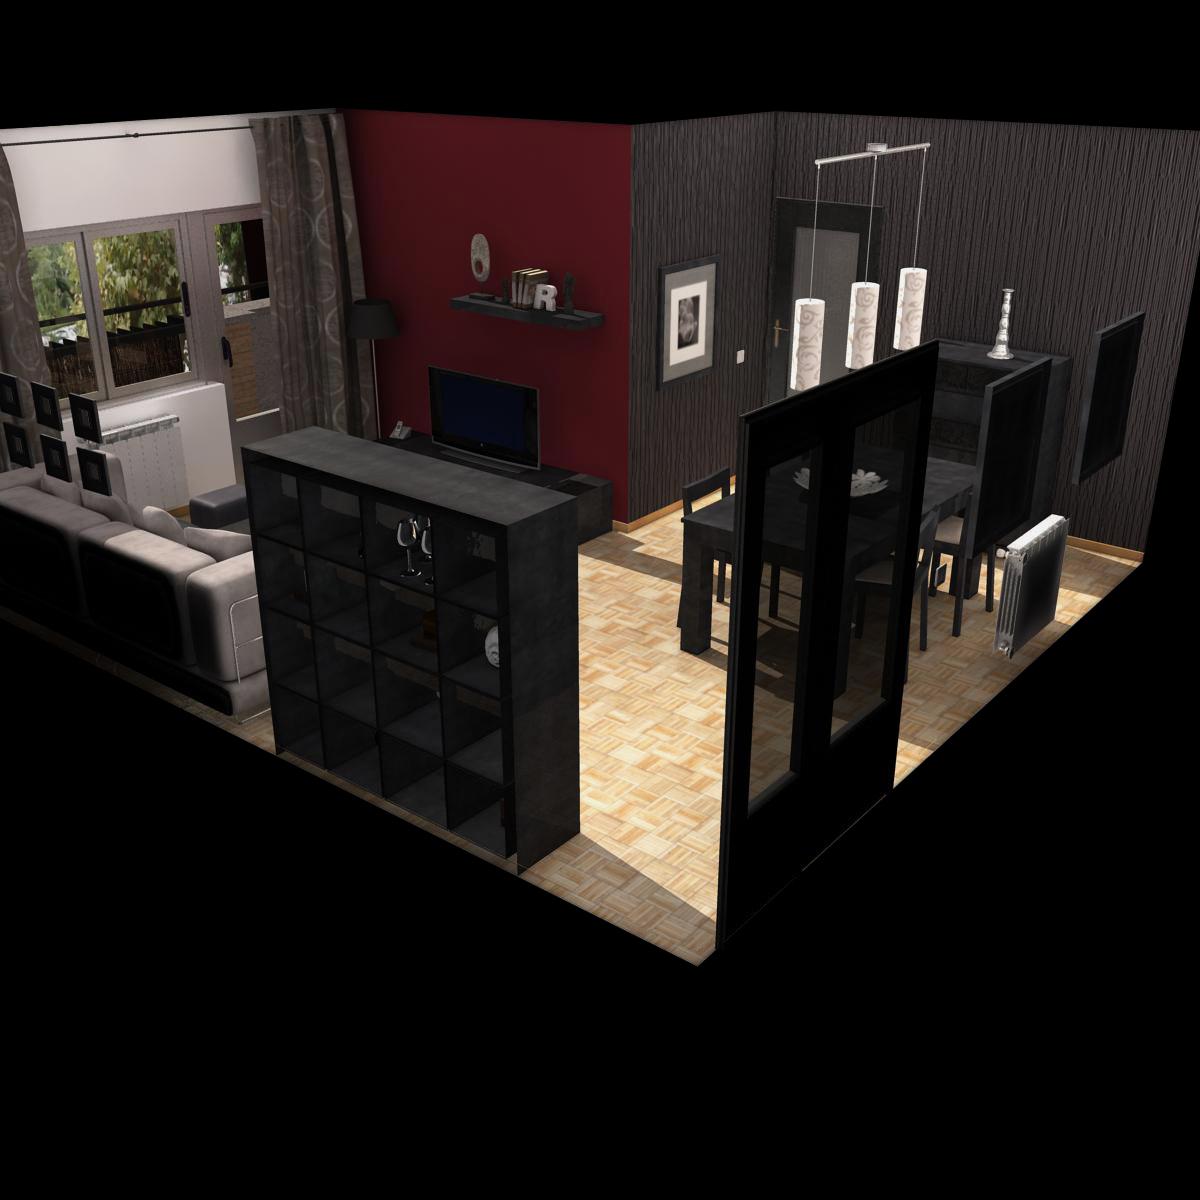 dzīvojamā istaba 3d modelis 3ds max fbx c4d ma mb obj 159611